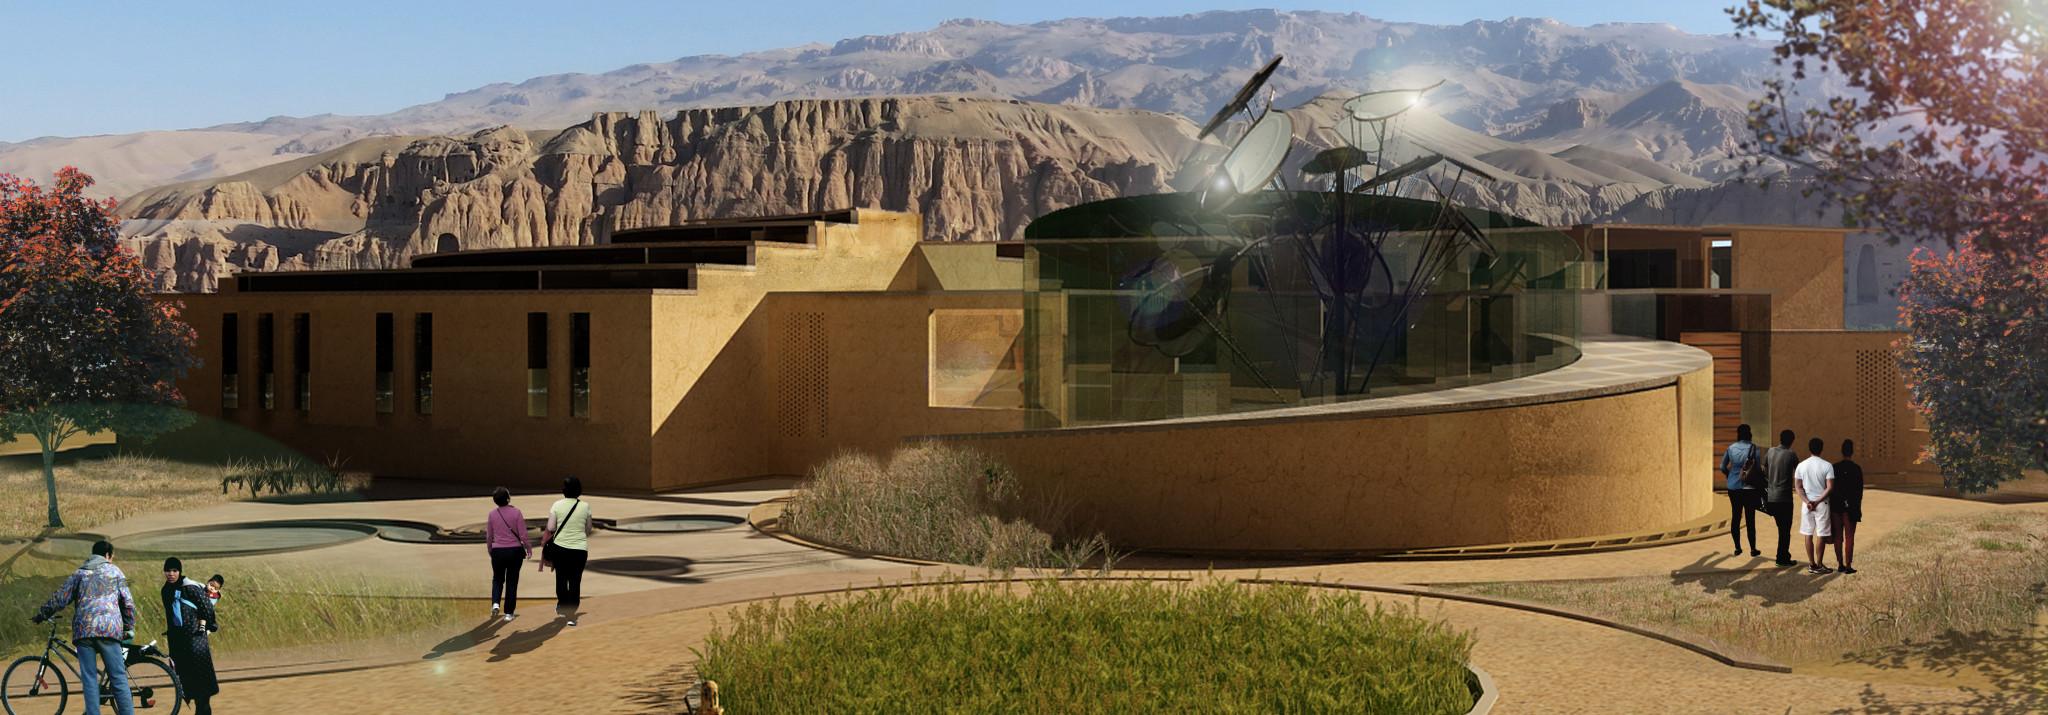 Bamiyan Cultural Center Exterior View